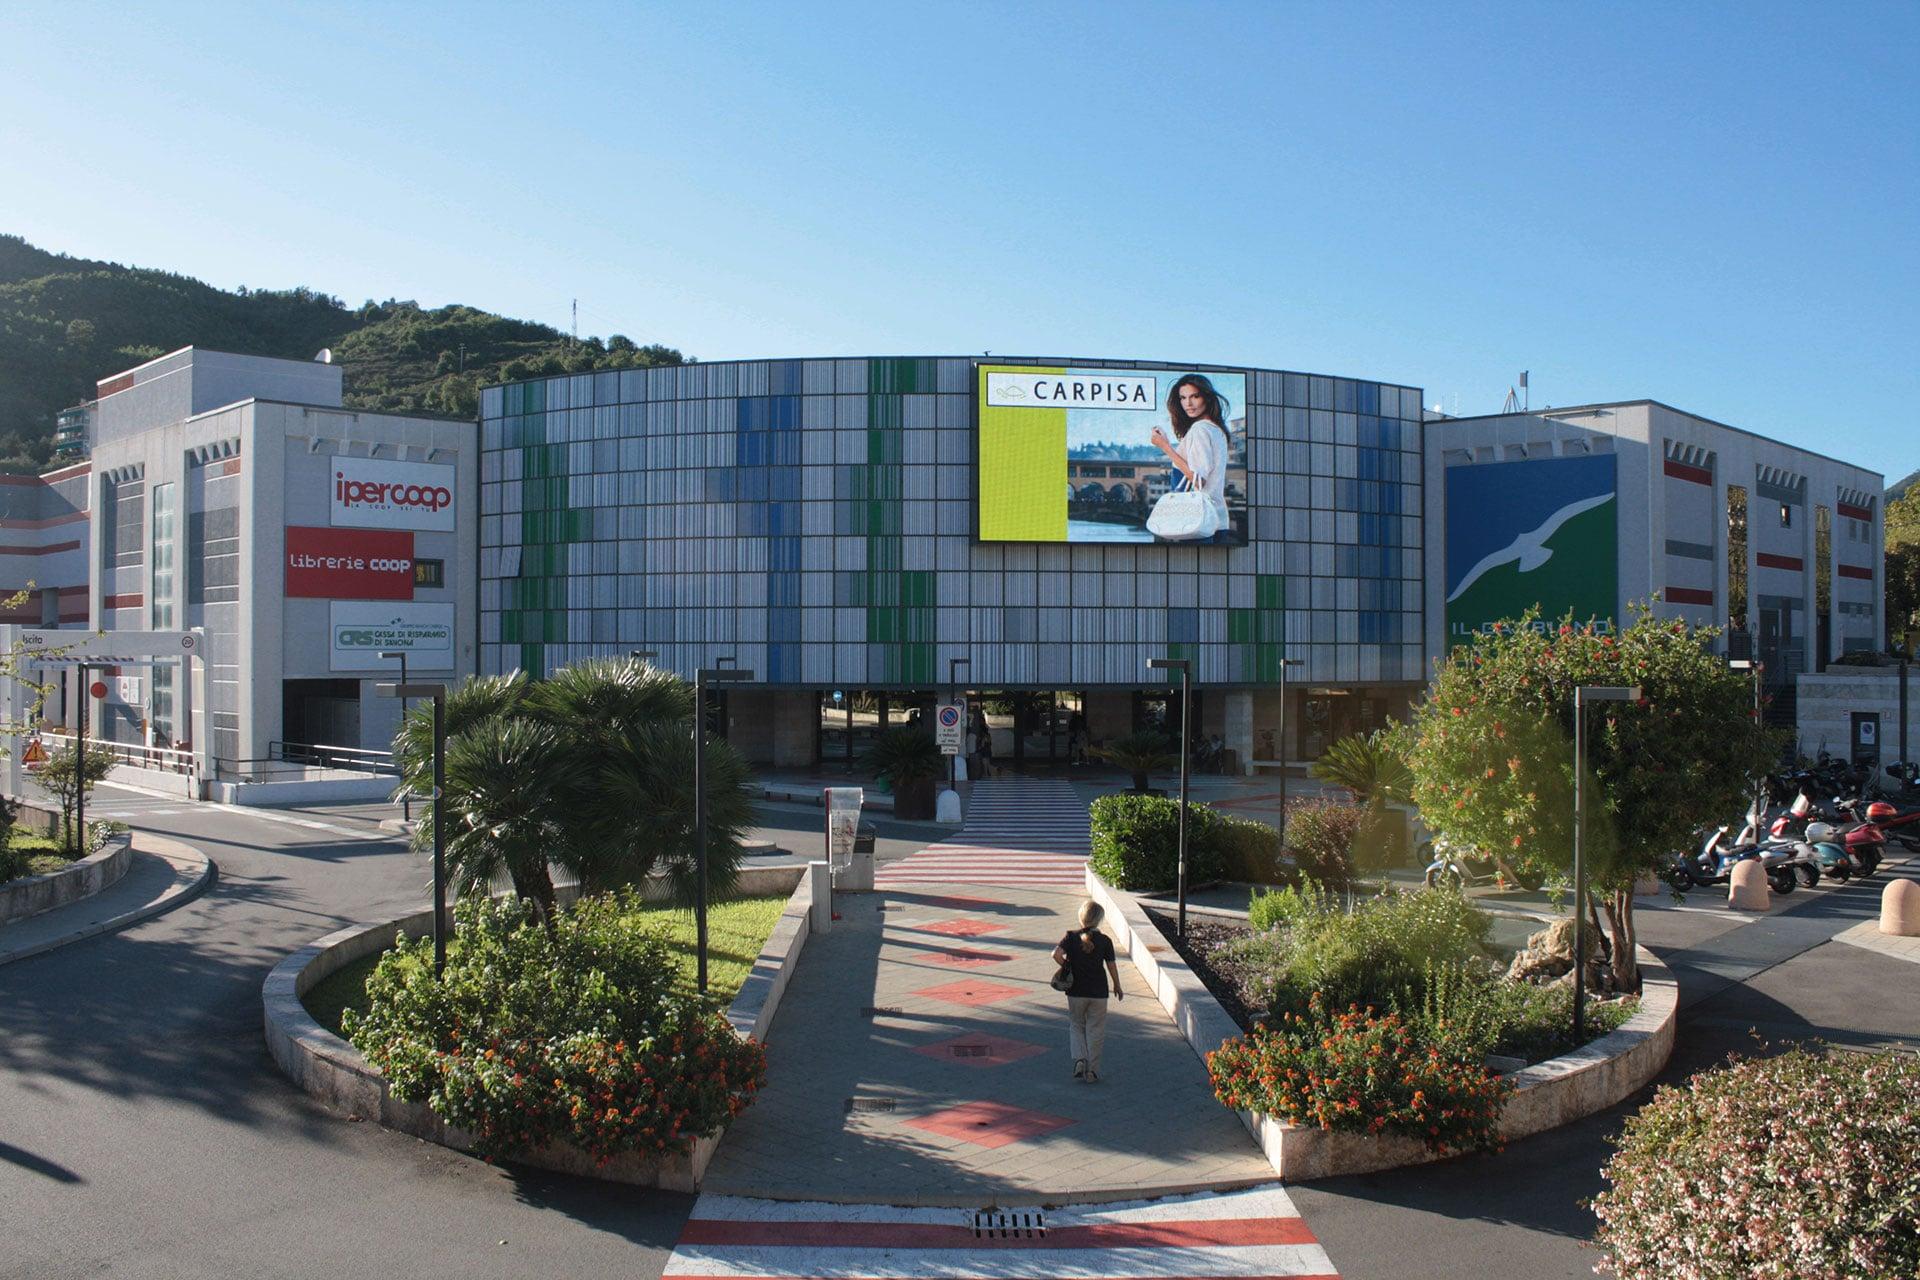 Centro Commerciale Il Gabbiano Savona